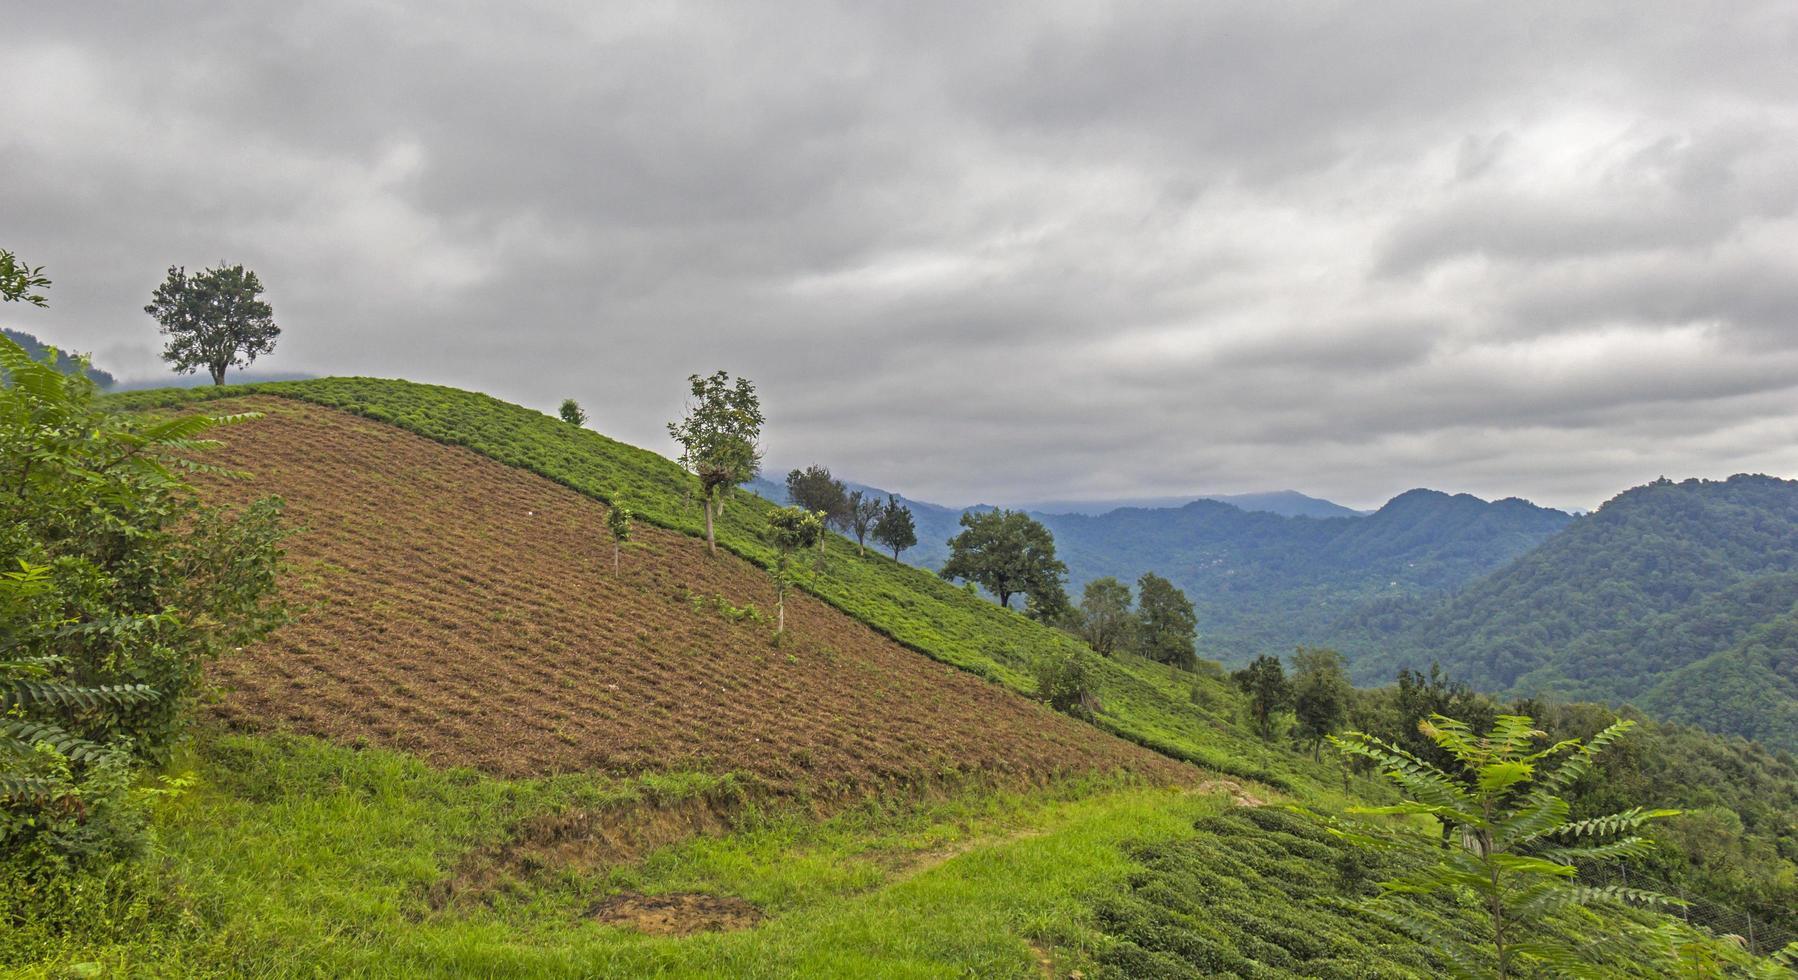 Cloudy hilltop landscape photo